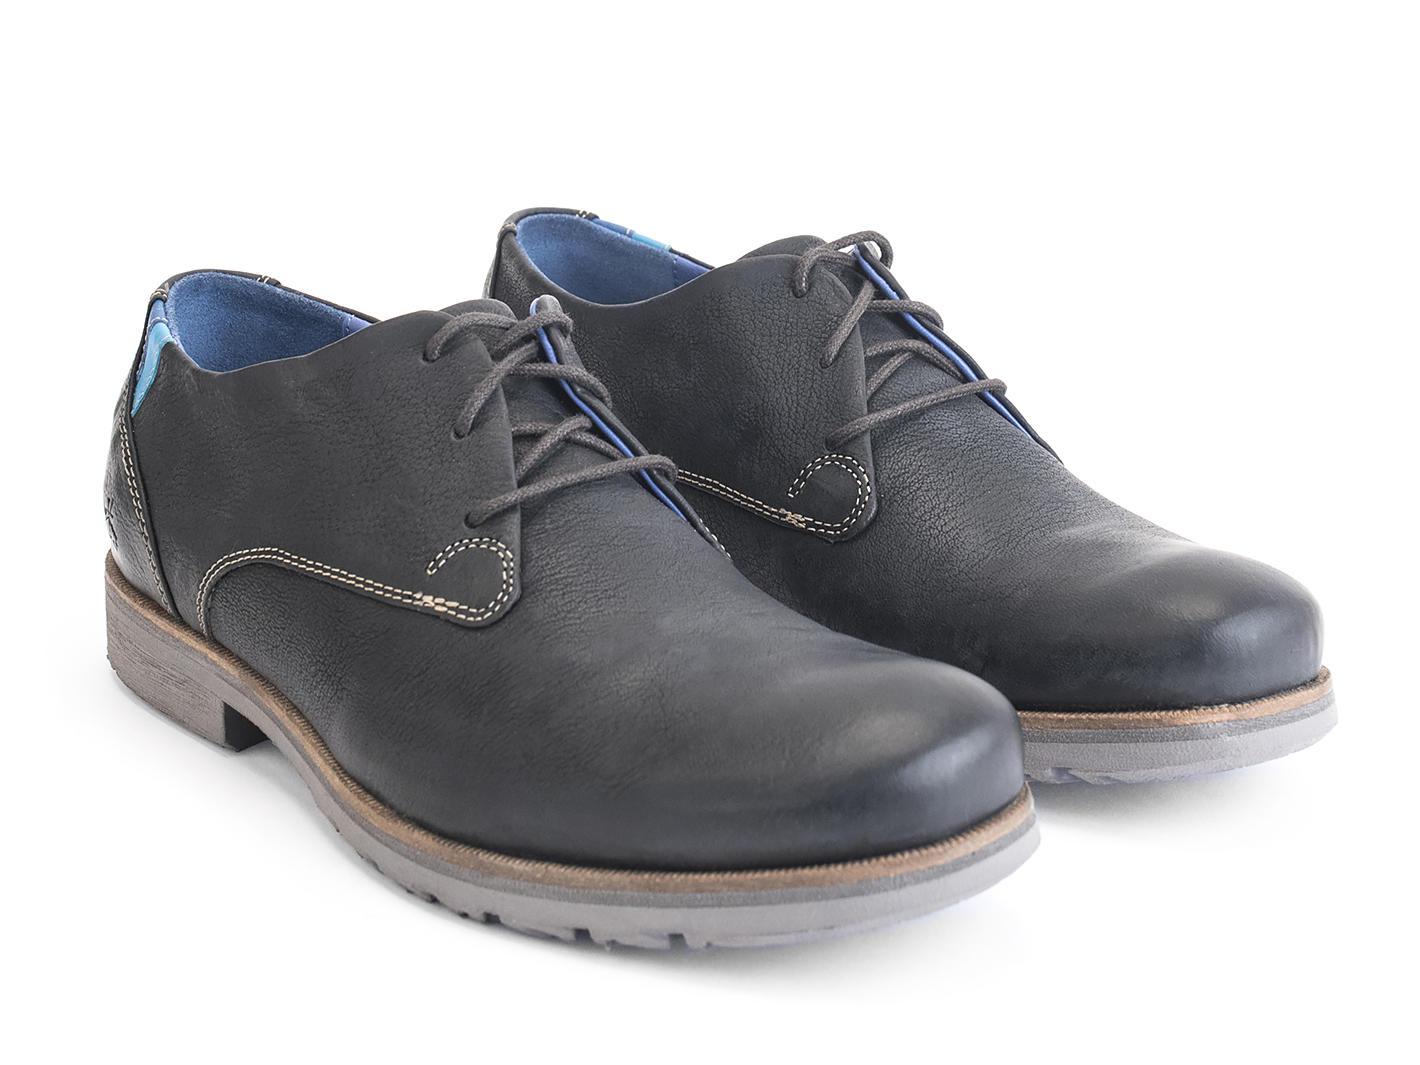 Fluevog Shoes Stores